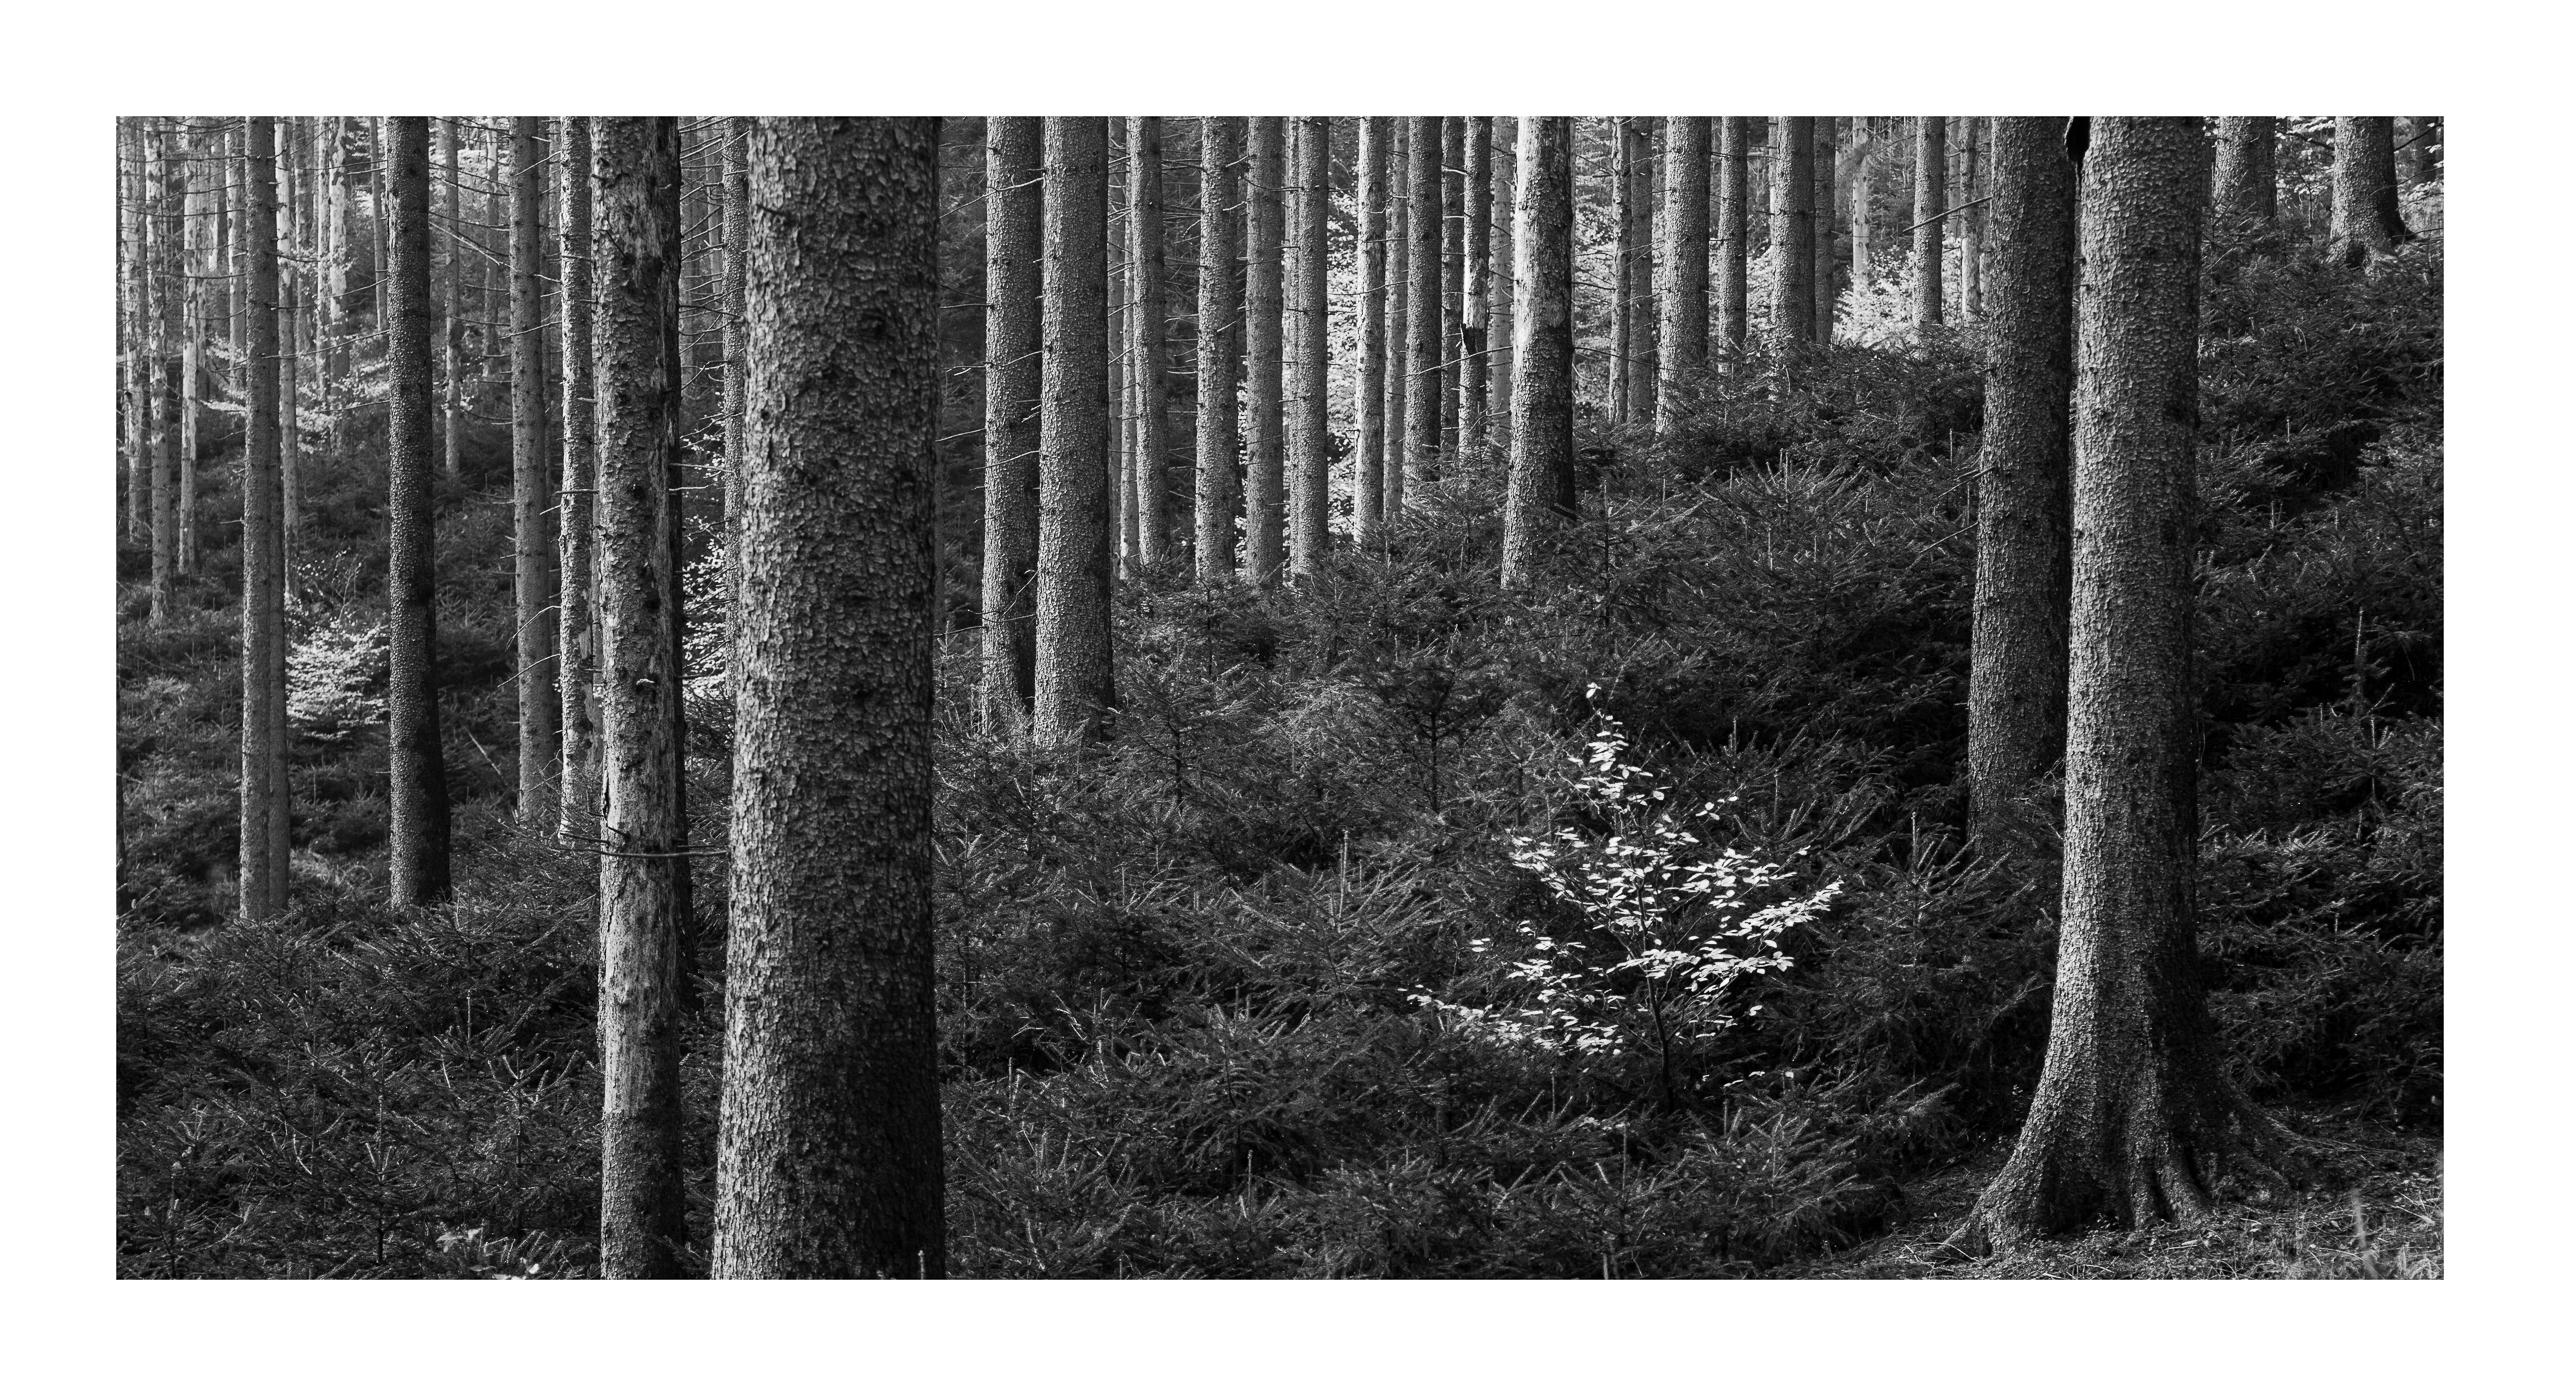 Im sterbenden Wald